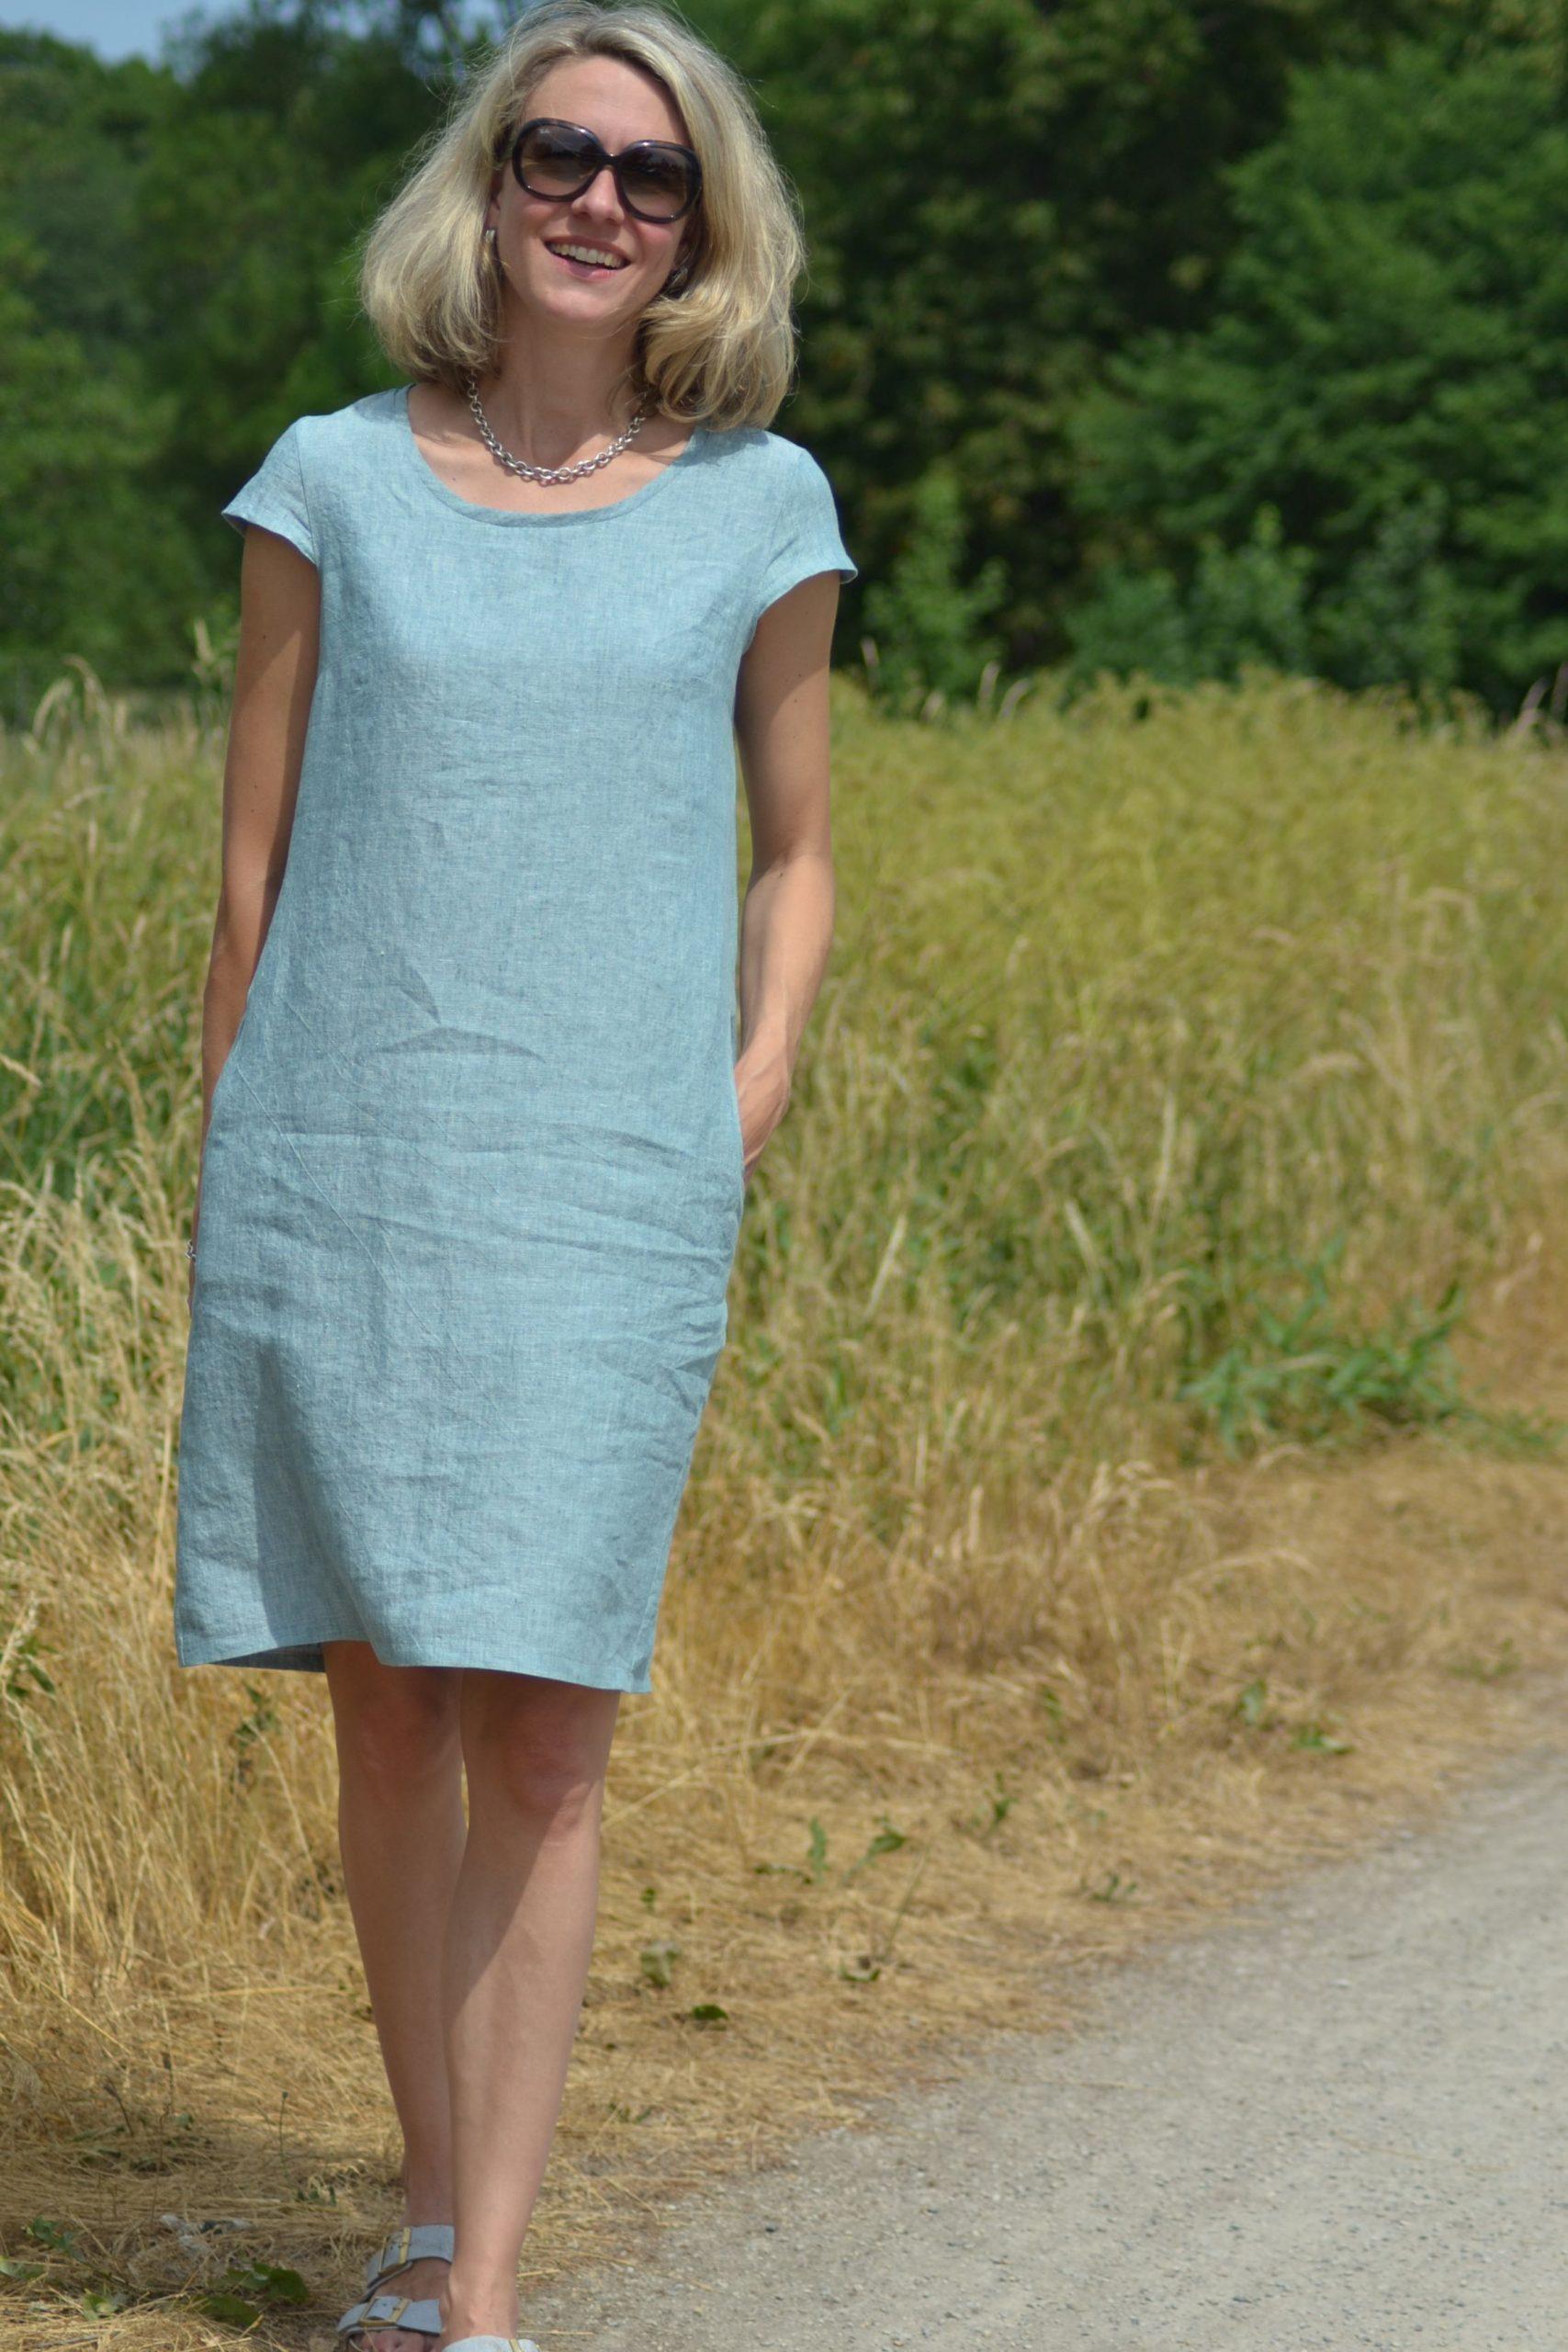 Designer Schön Sommerkleid Gr 52 Spezialgebiet13 Schön Sommerkleid Gr 52 Design